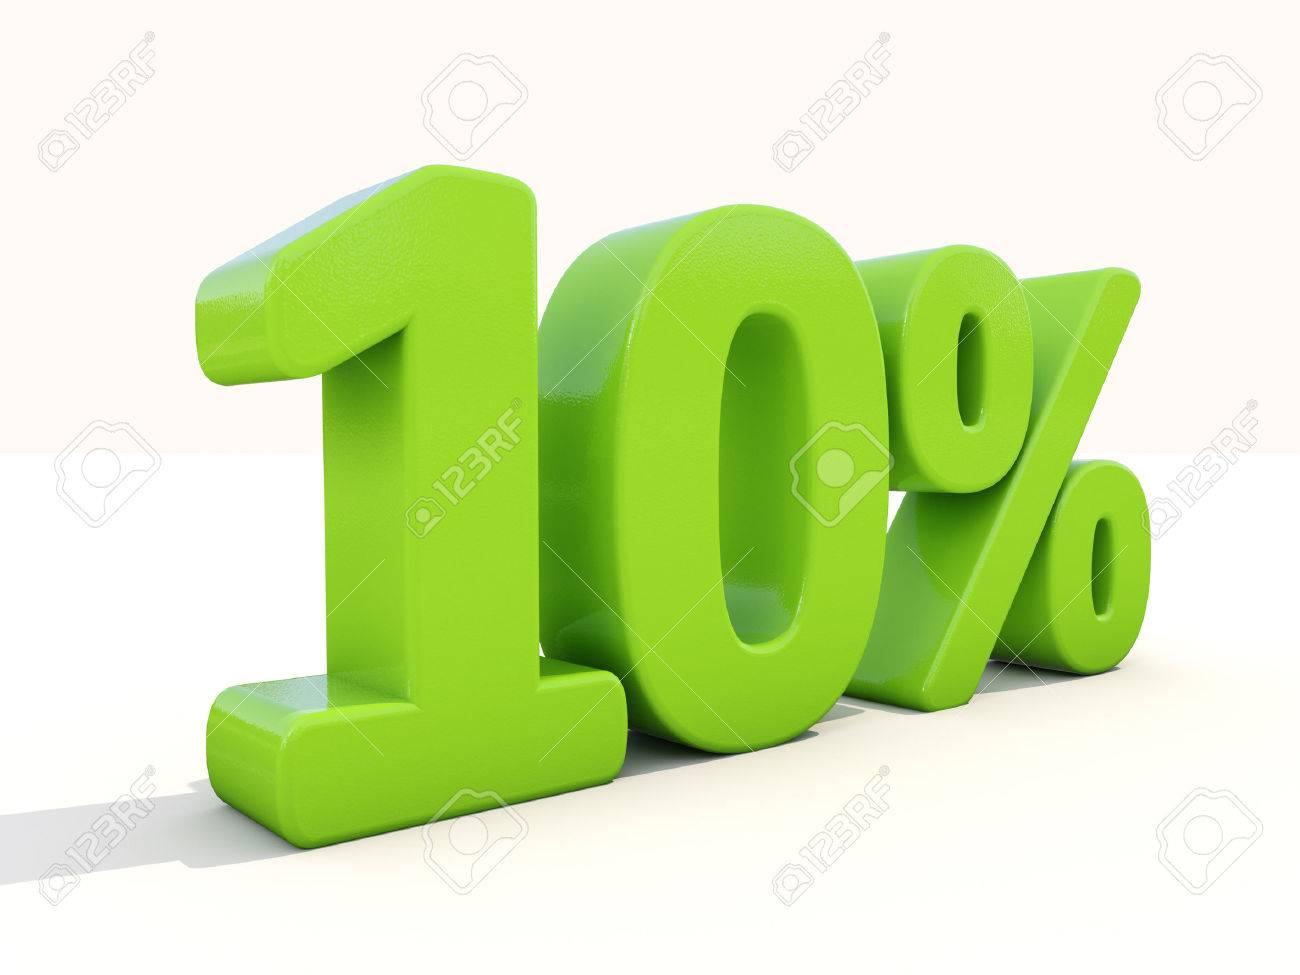 Ten percent off. Discount 10%. 3D illustration. - 26102534